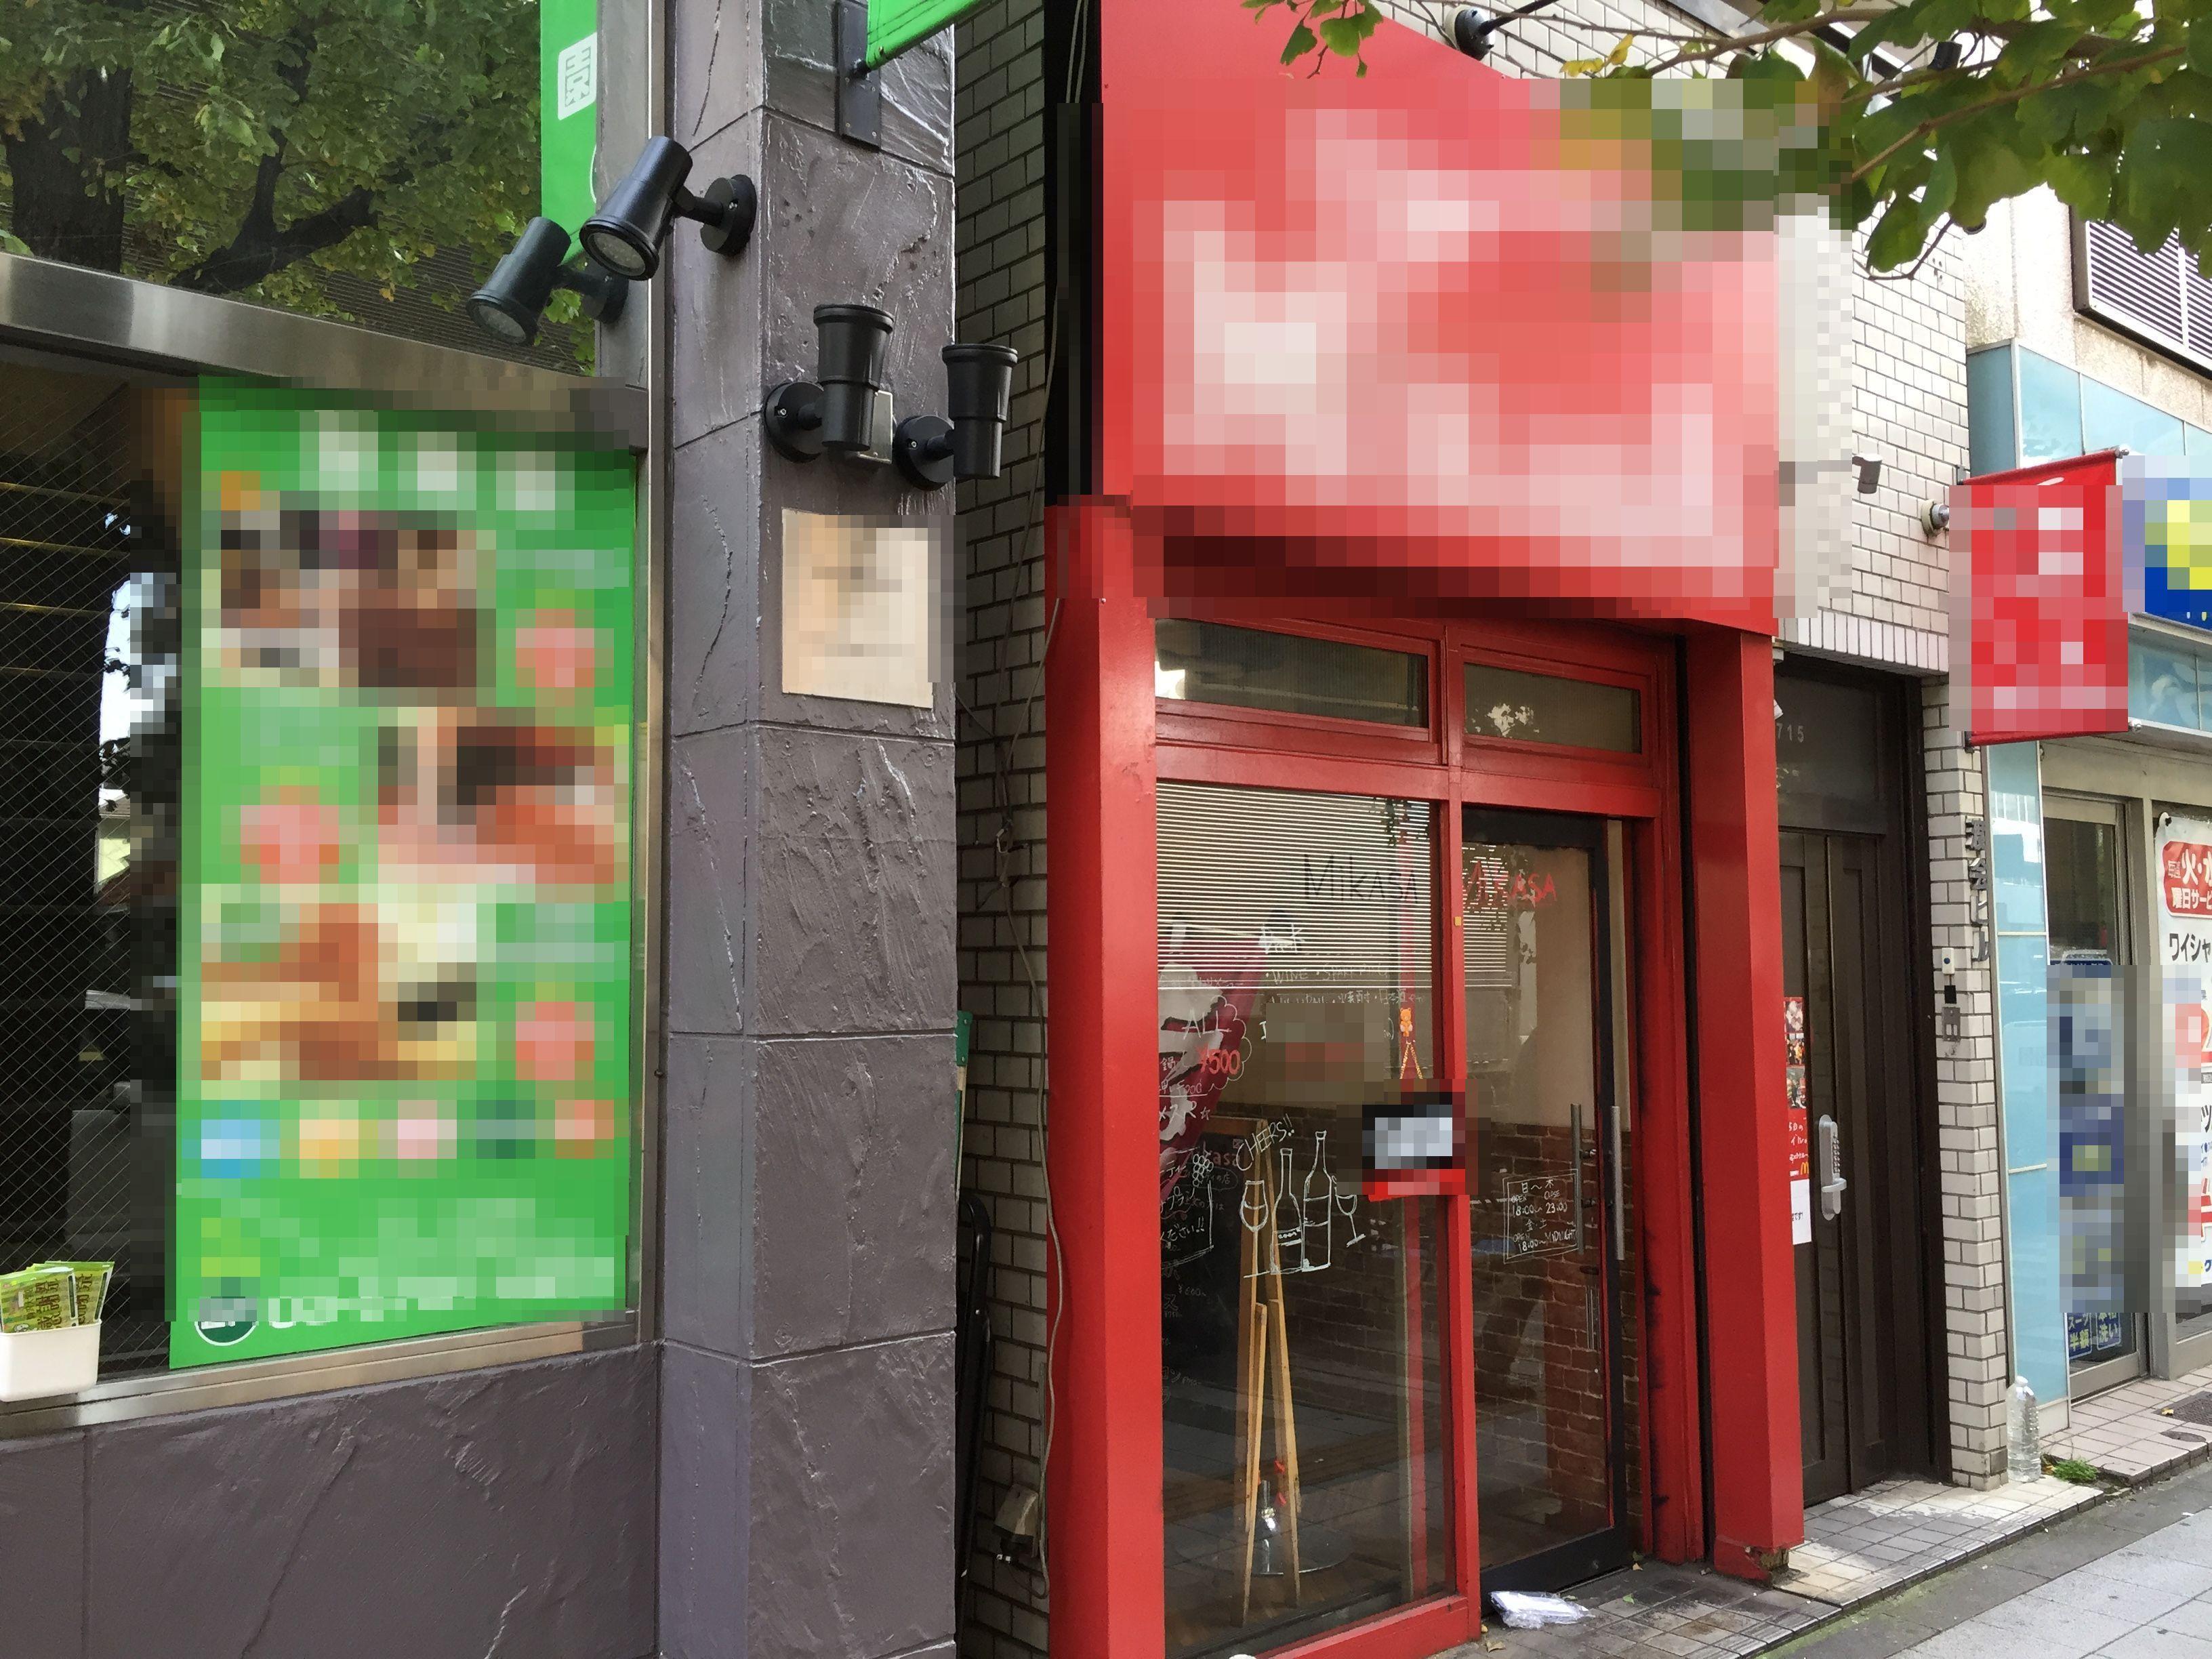 駒沢大学 東京都世田谷区駒沢1丁目の滅多に物件の出ない人気エリアからイタリアン居抜き店舗が登場!ファミリーから学生まで幅広い客層で賑わっており、1階路面なので集客力期待大の物件の外観